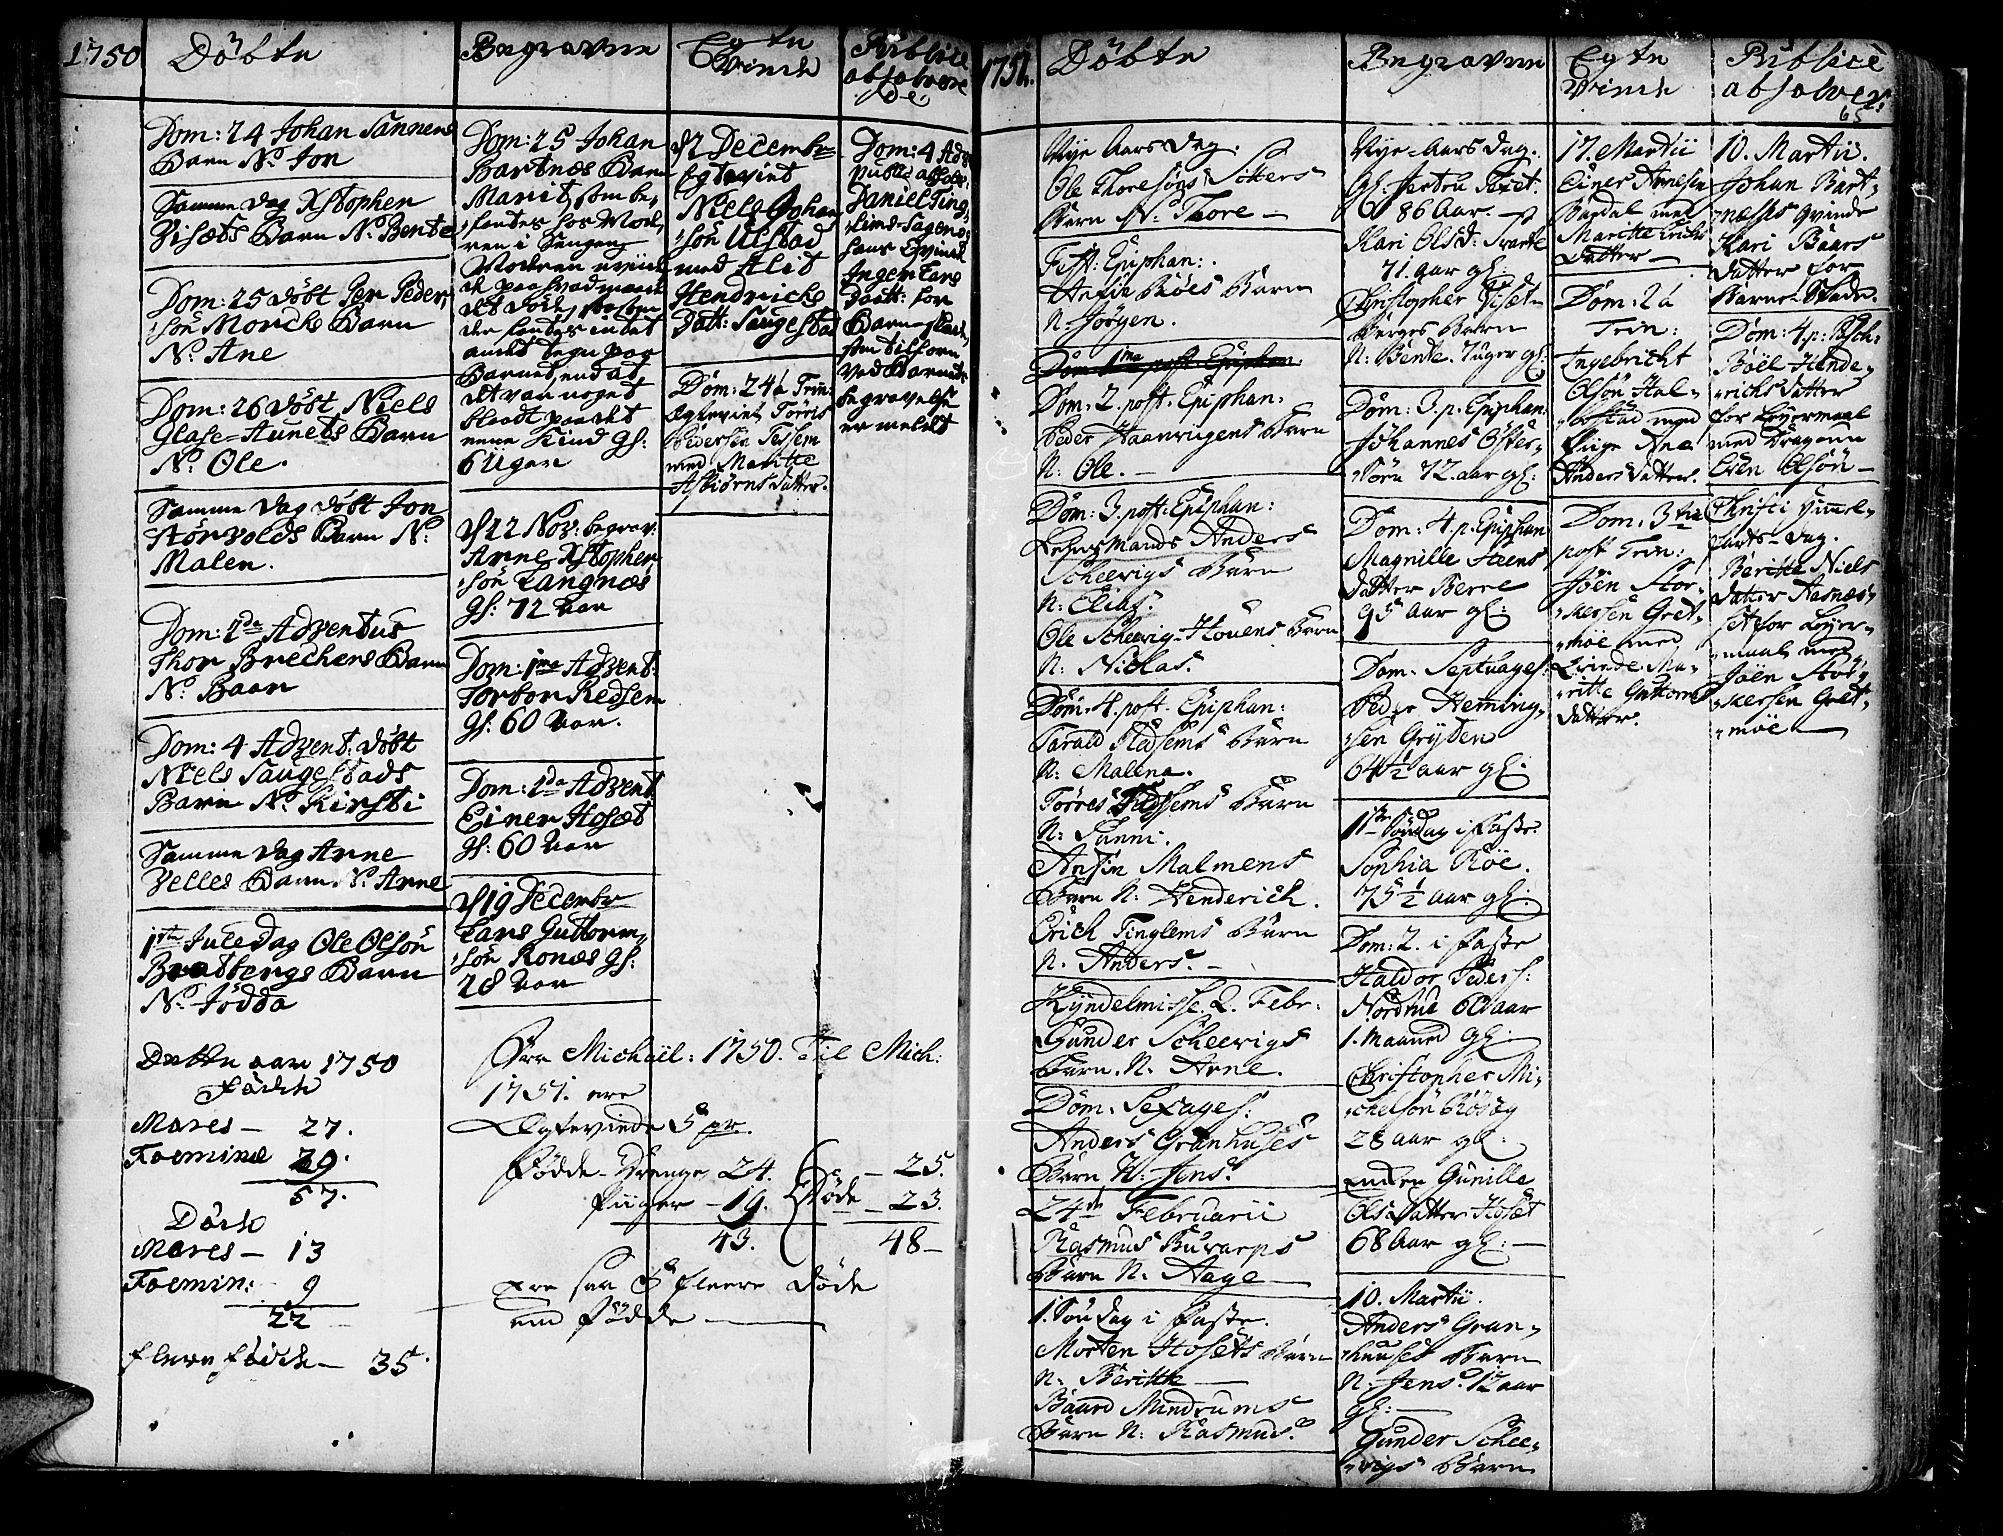 SAT, Ministerialprotokoller, klokkerbøker og fødselsregistre - Nord-Trøndelag, 741/L0385: Ministerialbok nr. 741A01, 1722-1815, s. 65